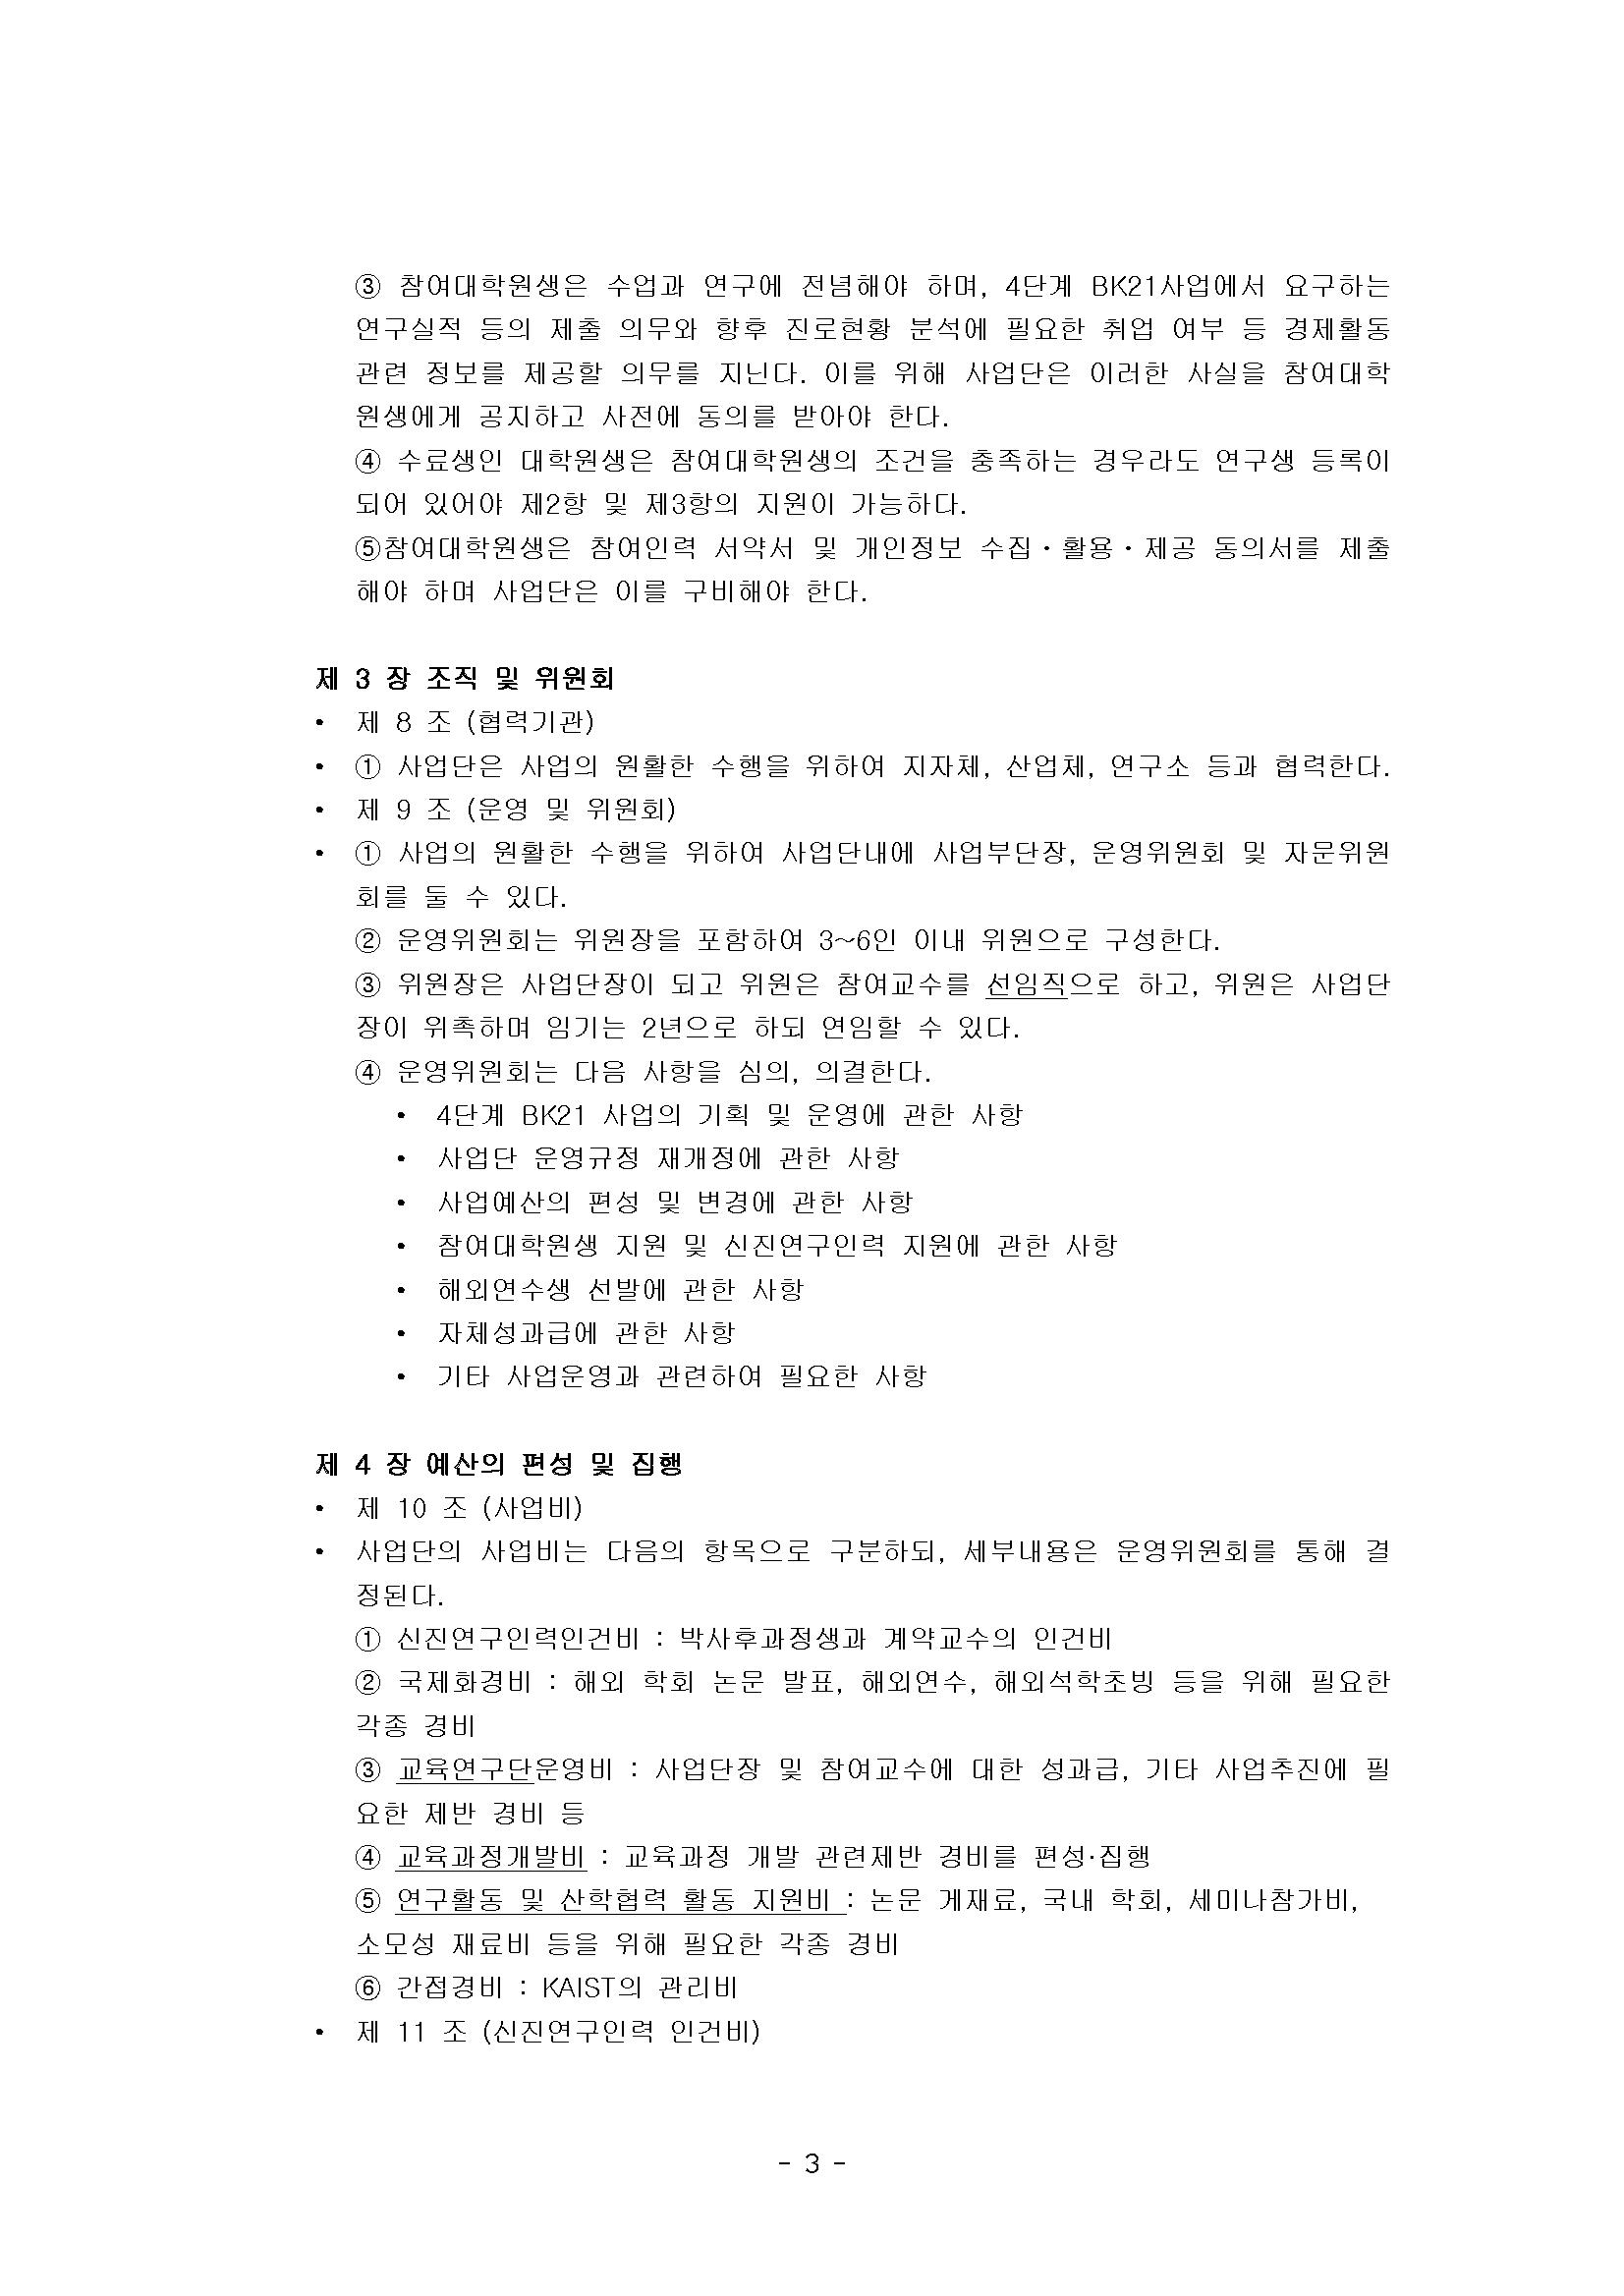 4단계 BK21 운영내규(21.04.27)_수정_페이지_3